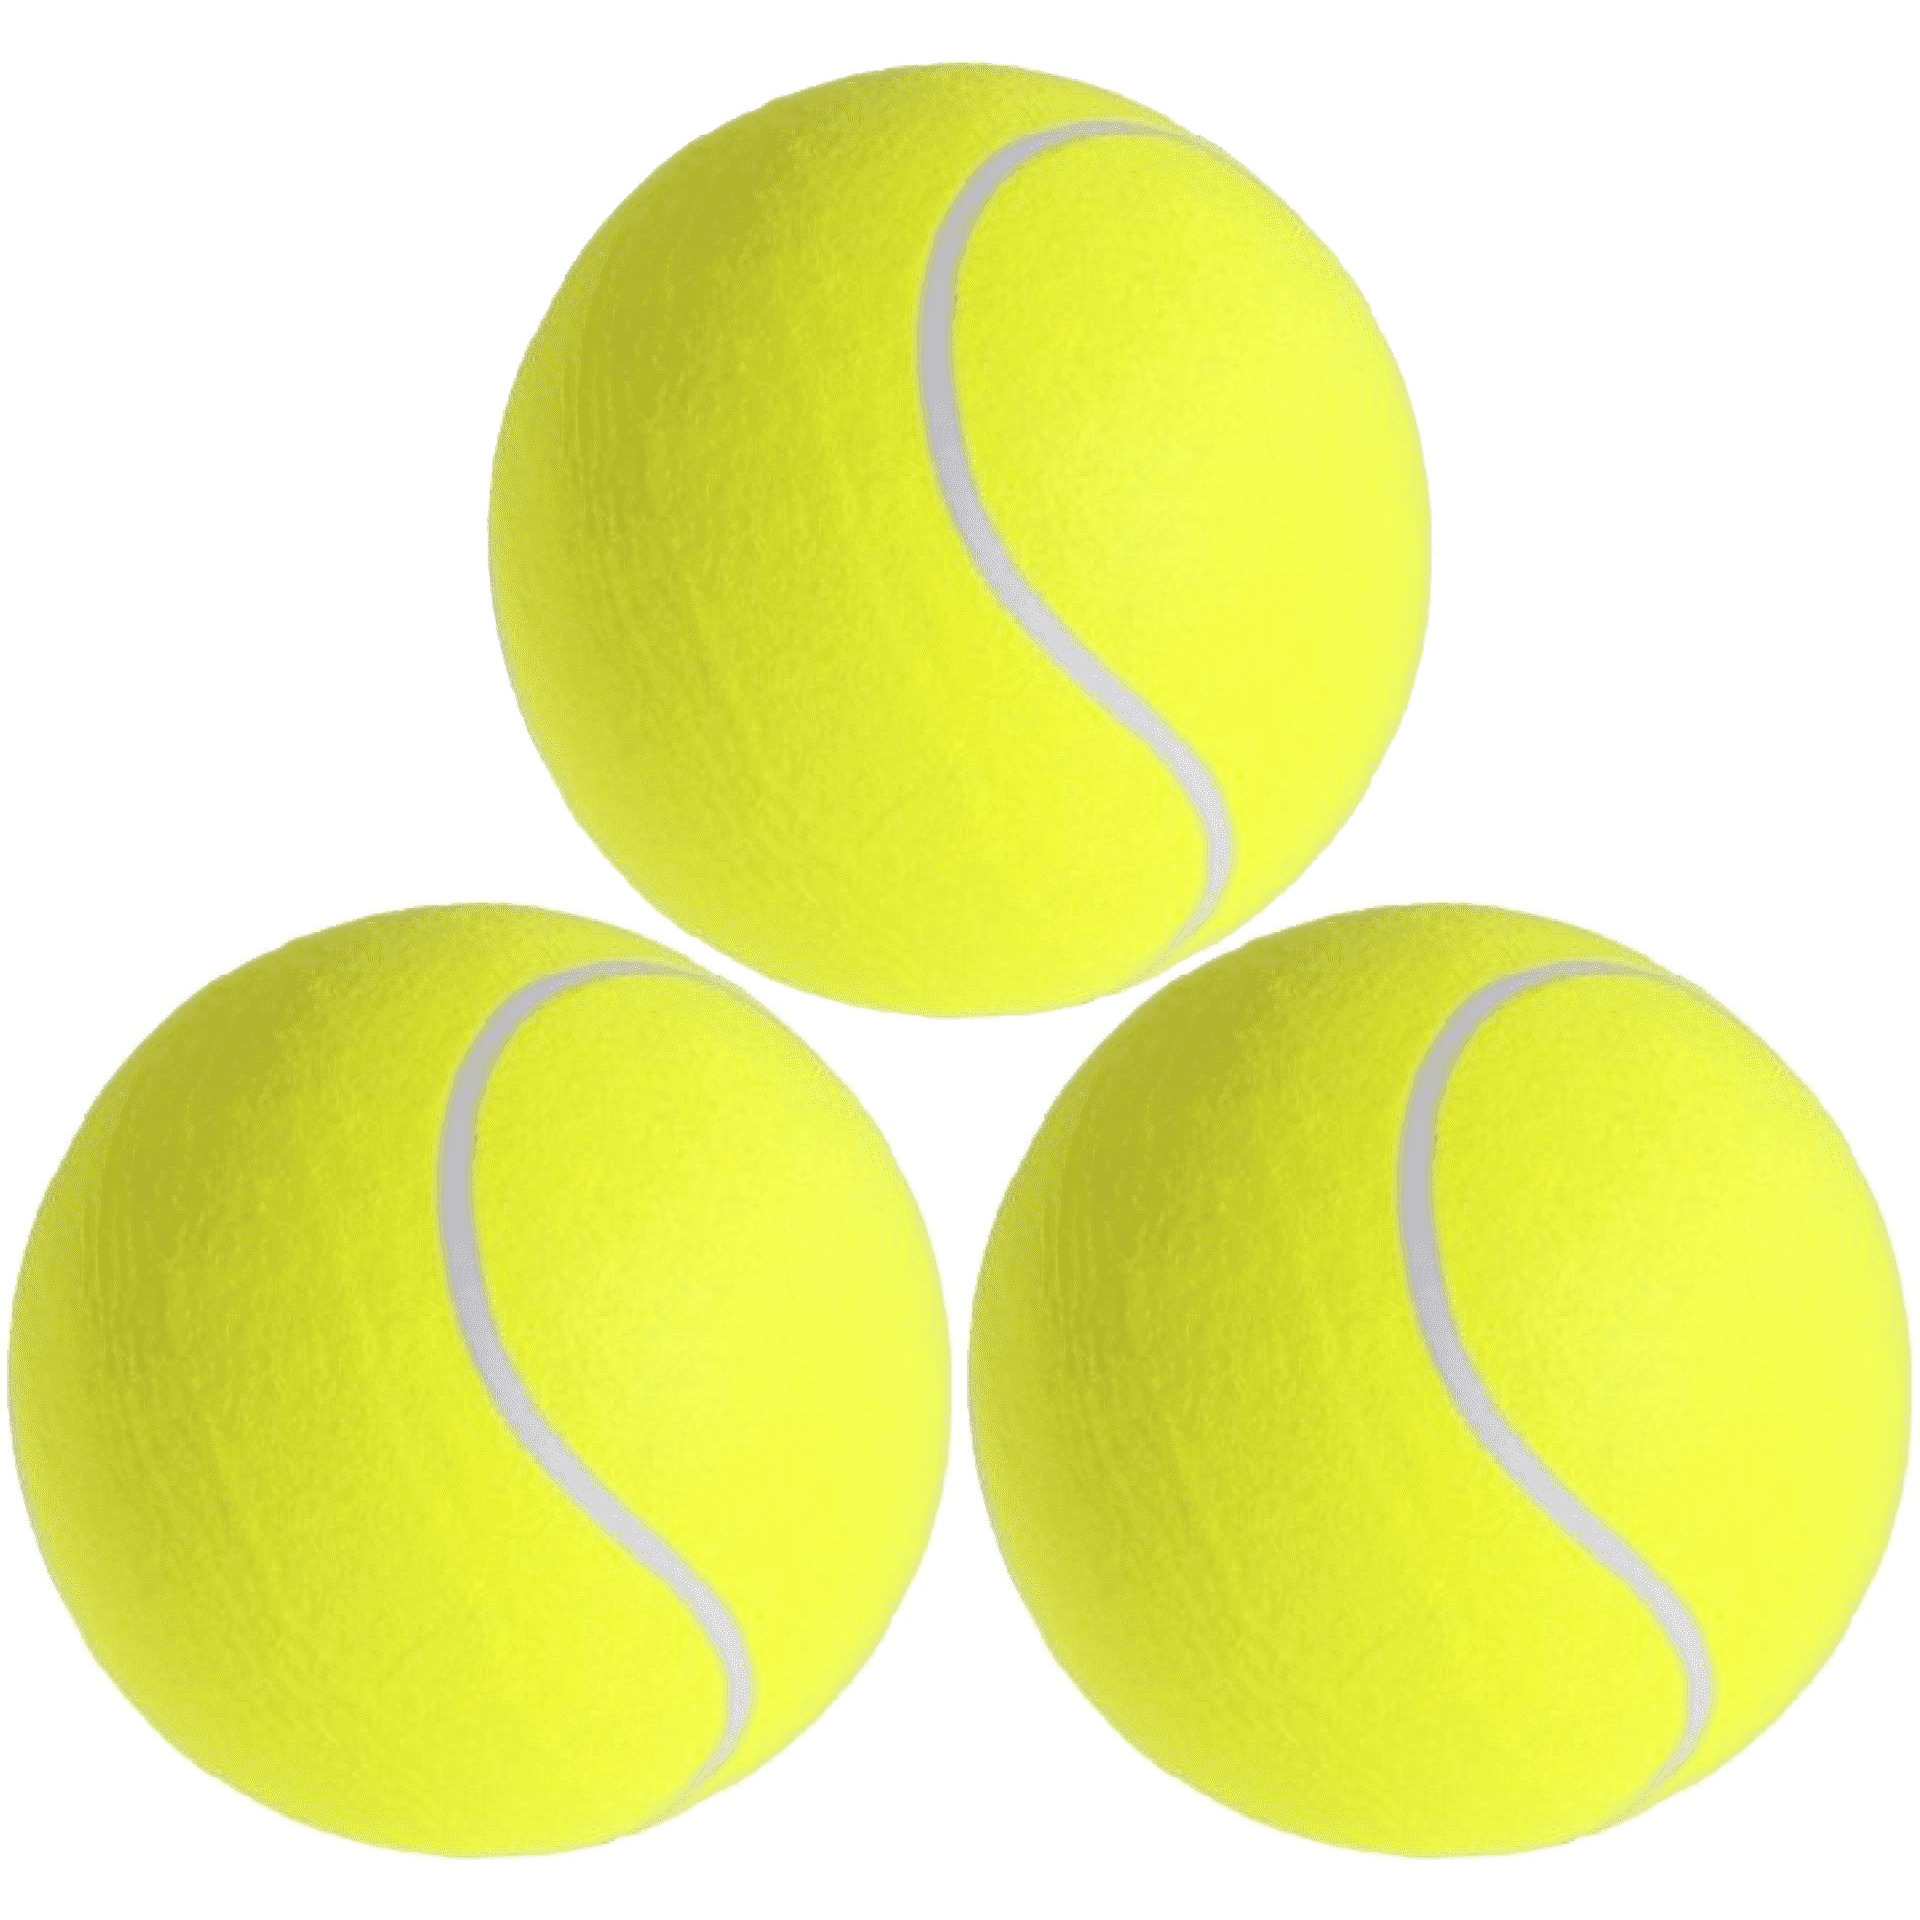 3x Mega tennisballen XXL geel 22 cm speelgoed-sportartikelen